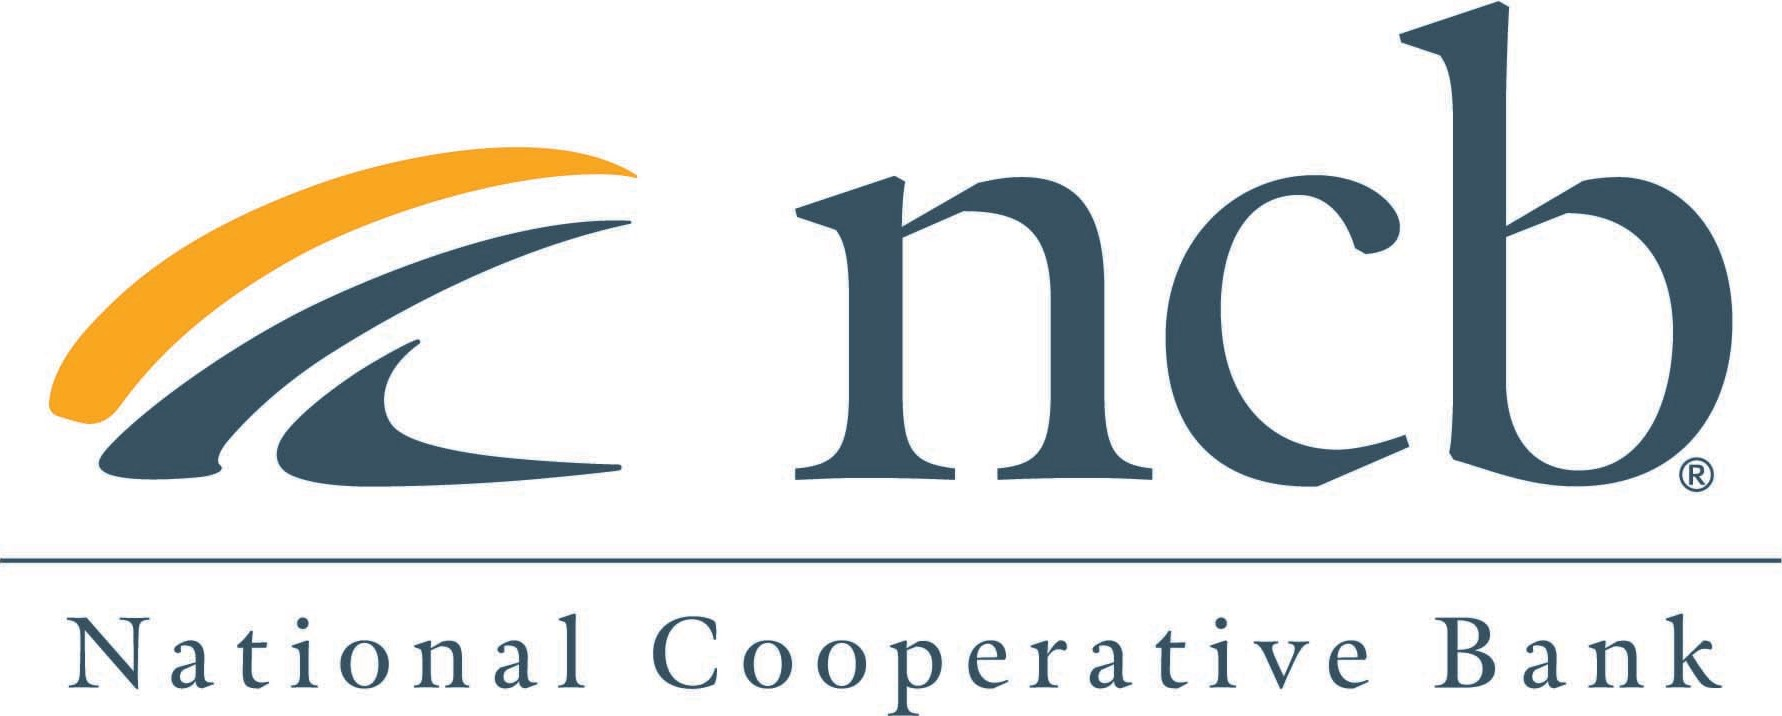 National Cooperative Bank (NCB) logo